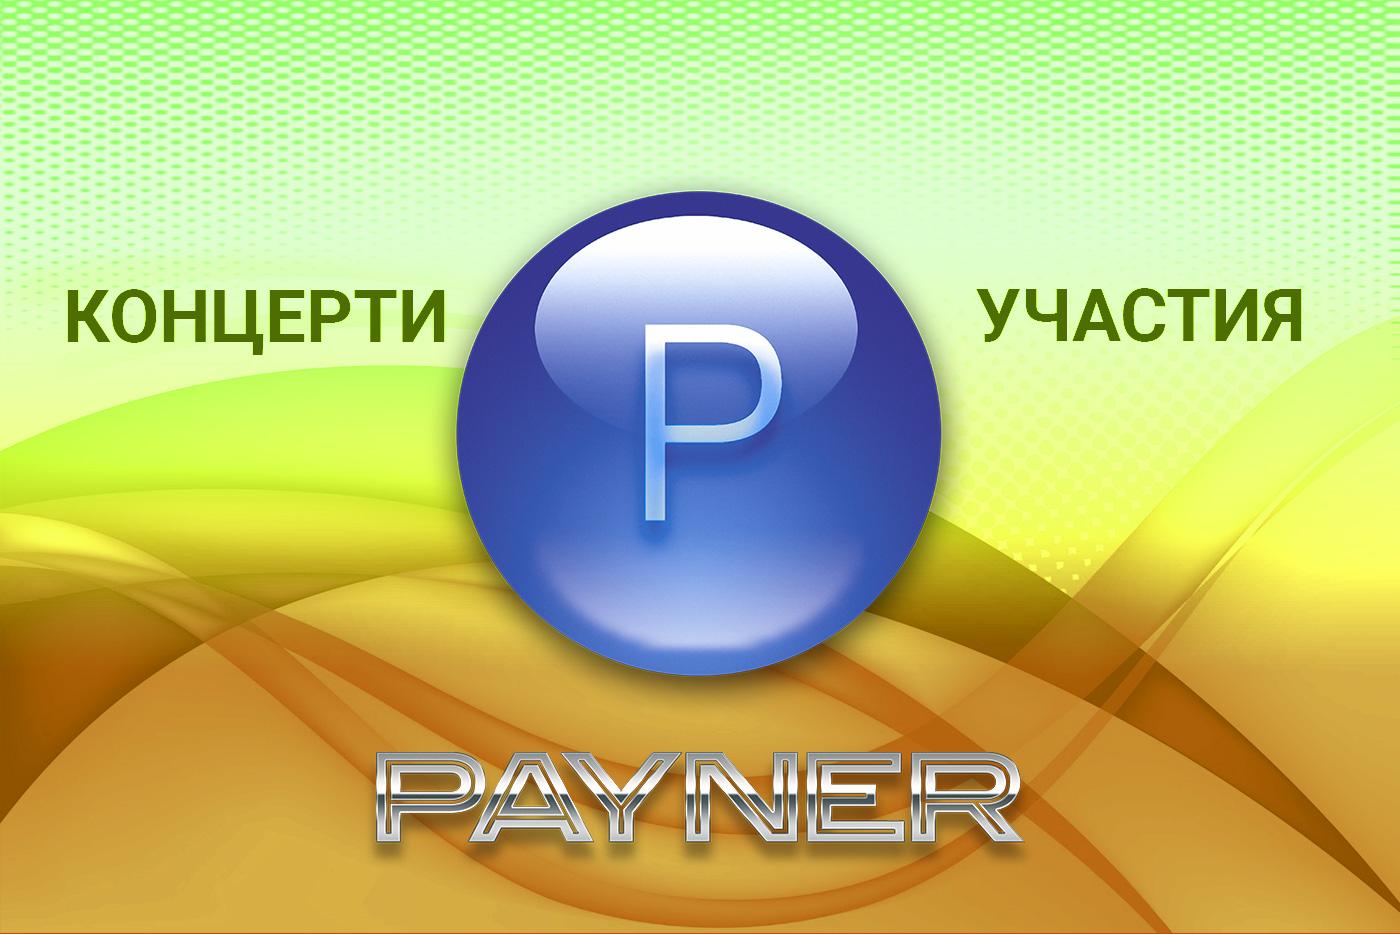 """Участия на звездите на """"Пайнер"""" на 04.11.2018"""